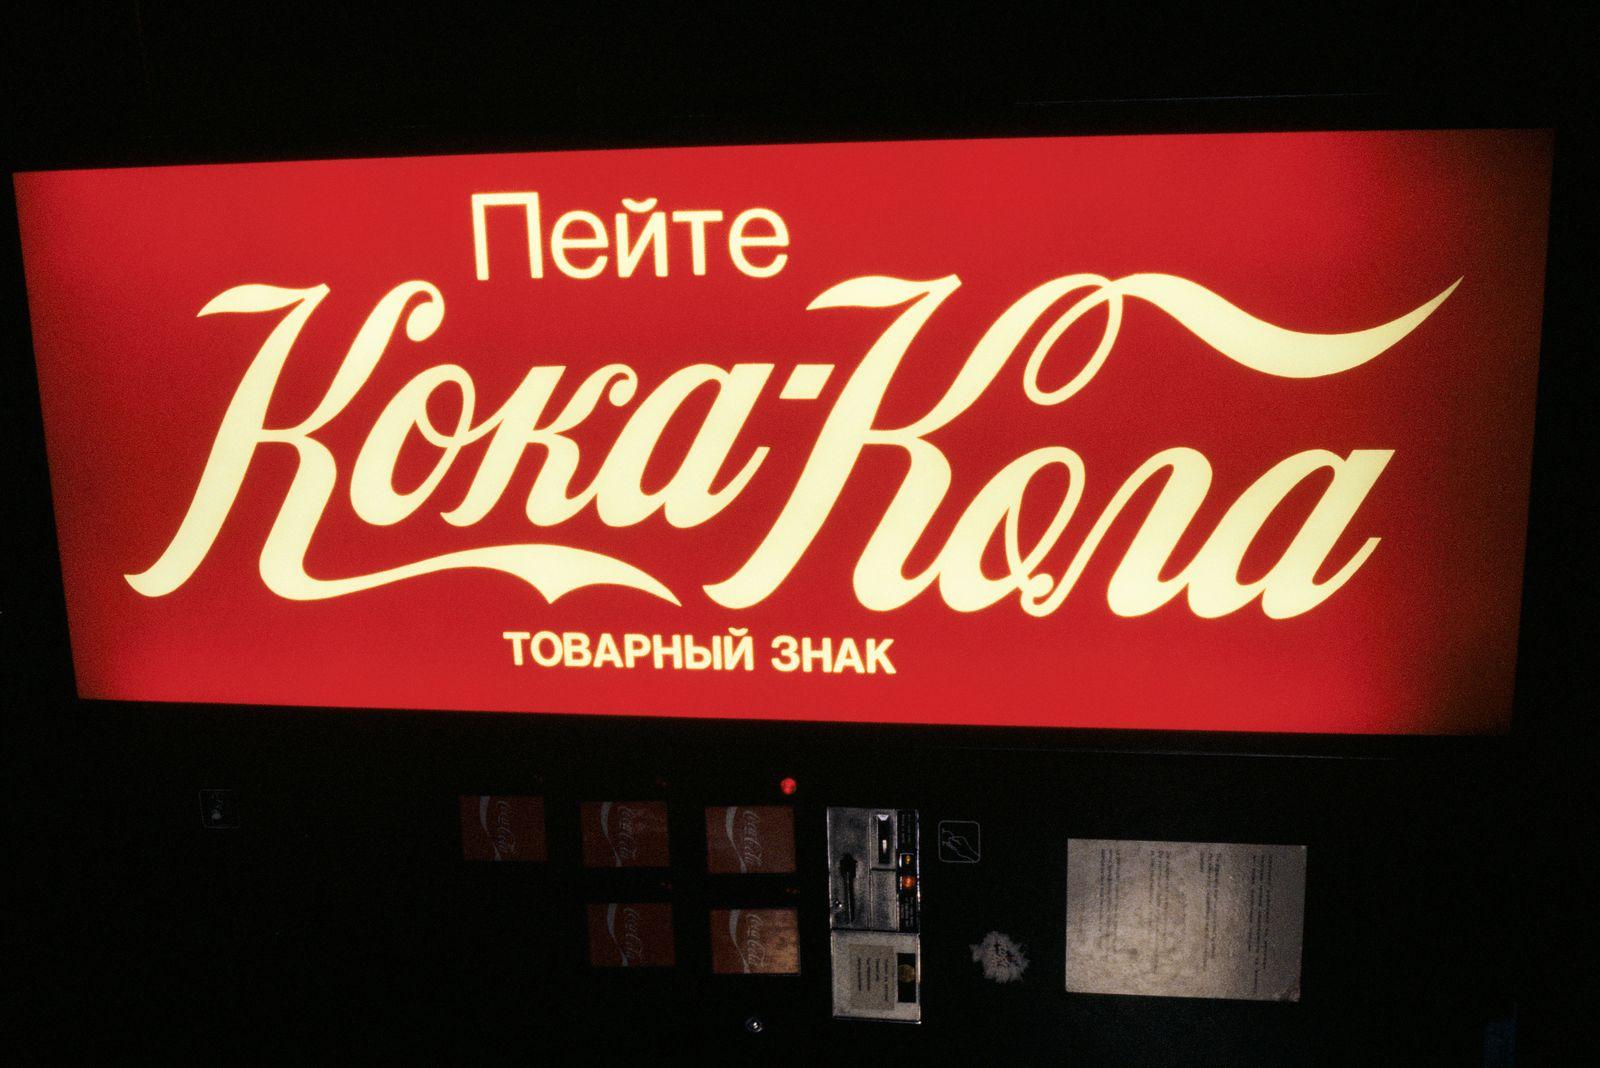 Pepsi Kriegsflotte - Europa. Coca-Cola. Soda Fountain In Moscow, Russia -